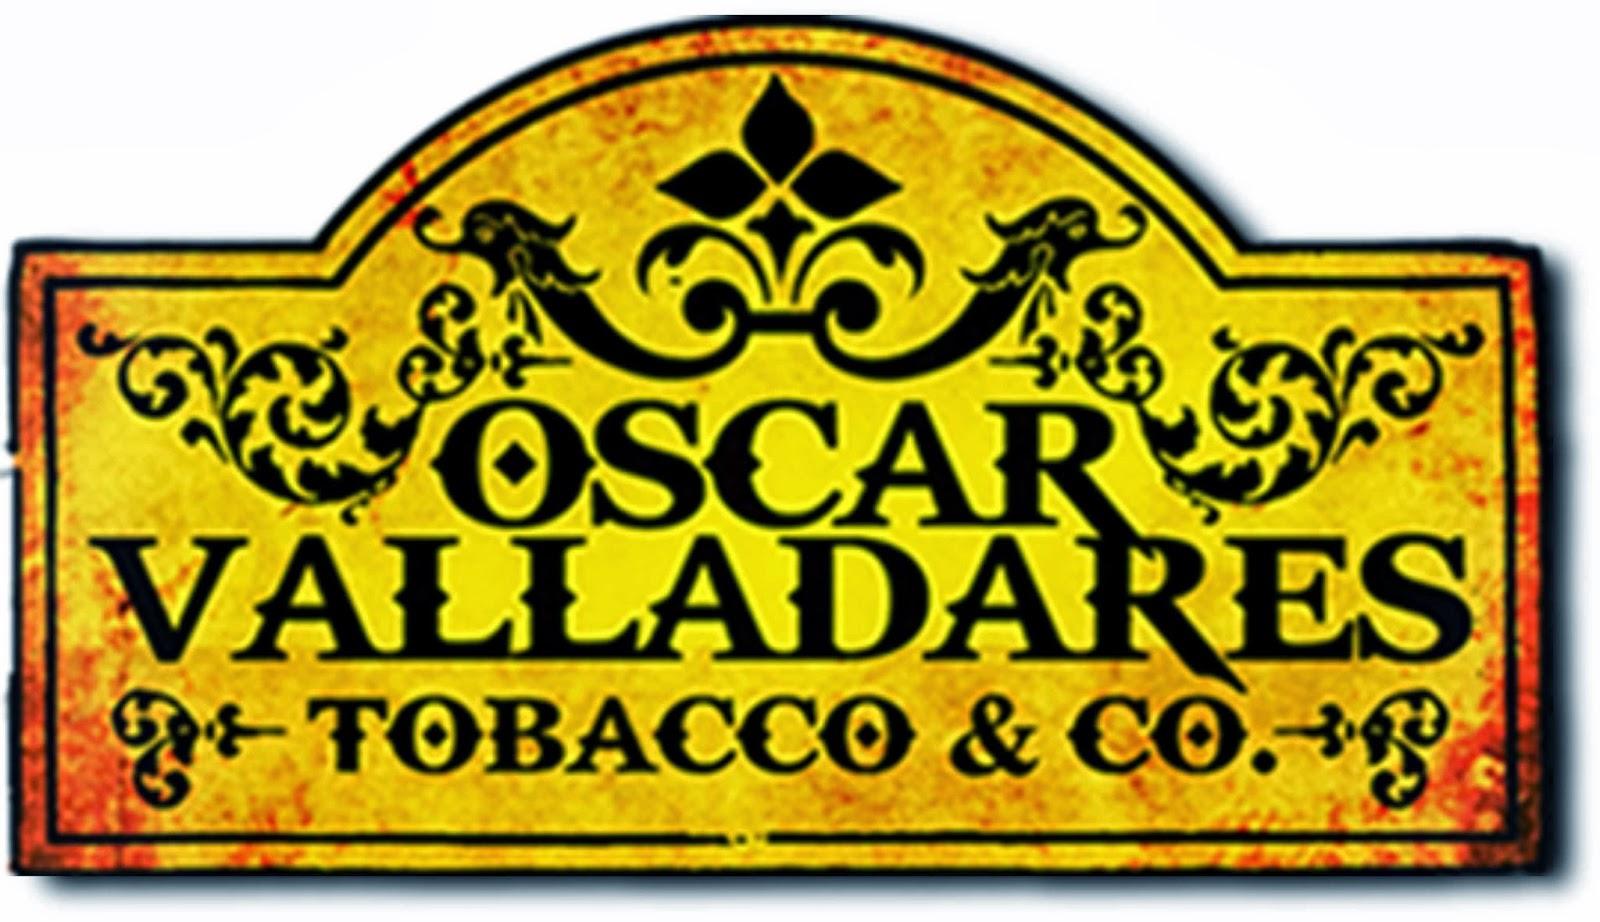 Oscar Valladares Zigarren Zigarrenmarke